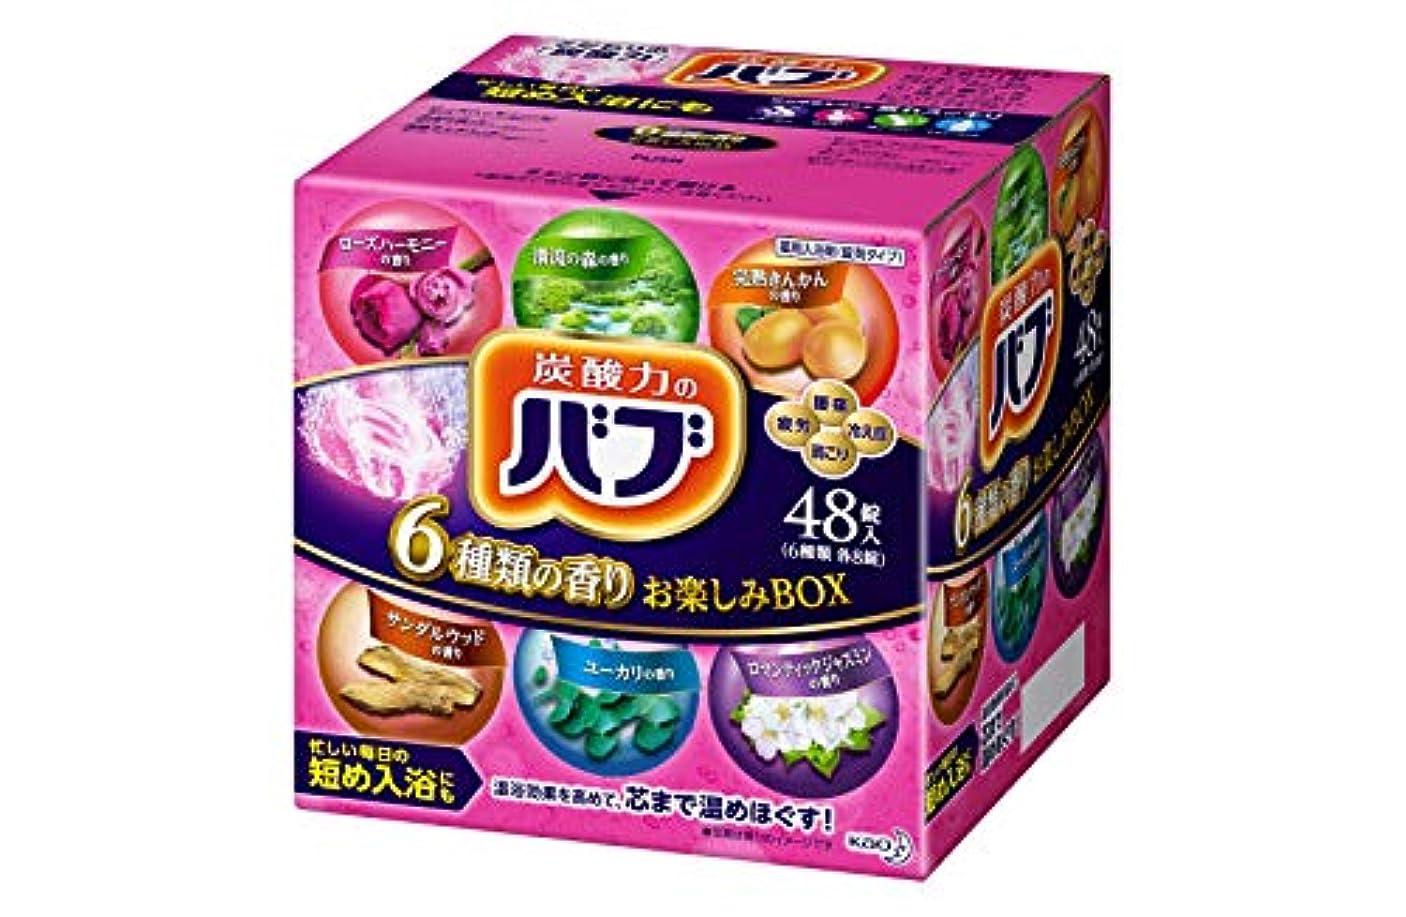 タクトヤギデコードする【大容量】 バブ 6つの香りお楽しみBOX 48錠 炭酸 入浴剤 詰め合わせ [医薬部外品]